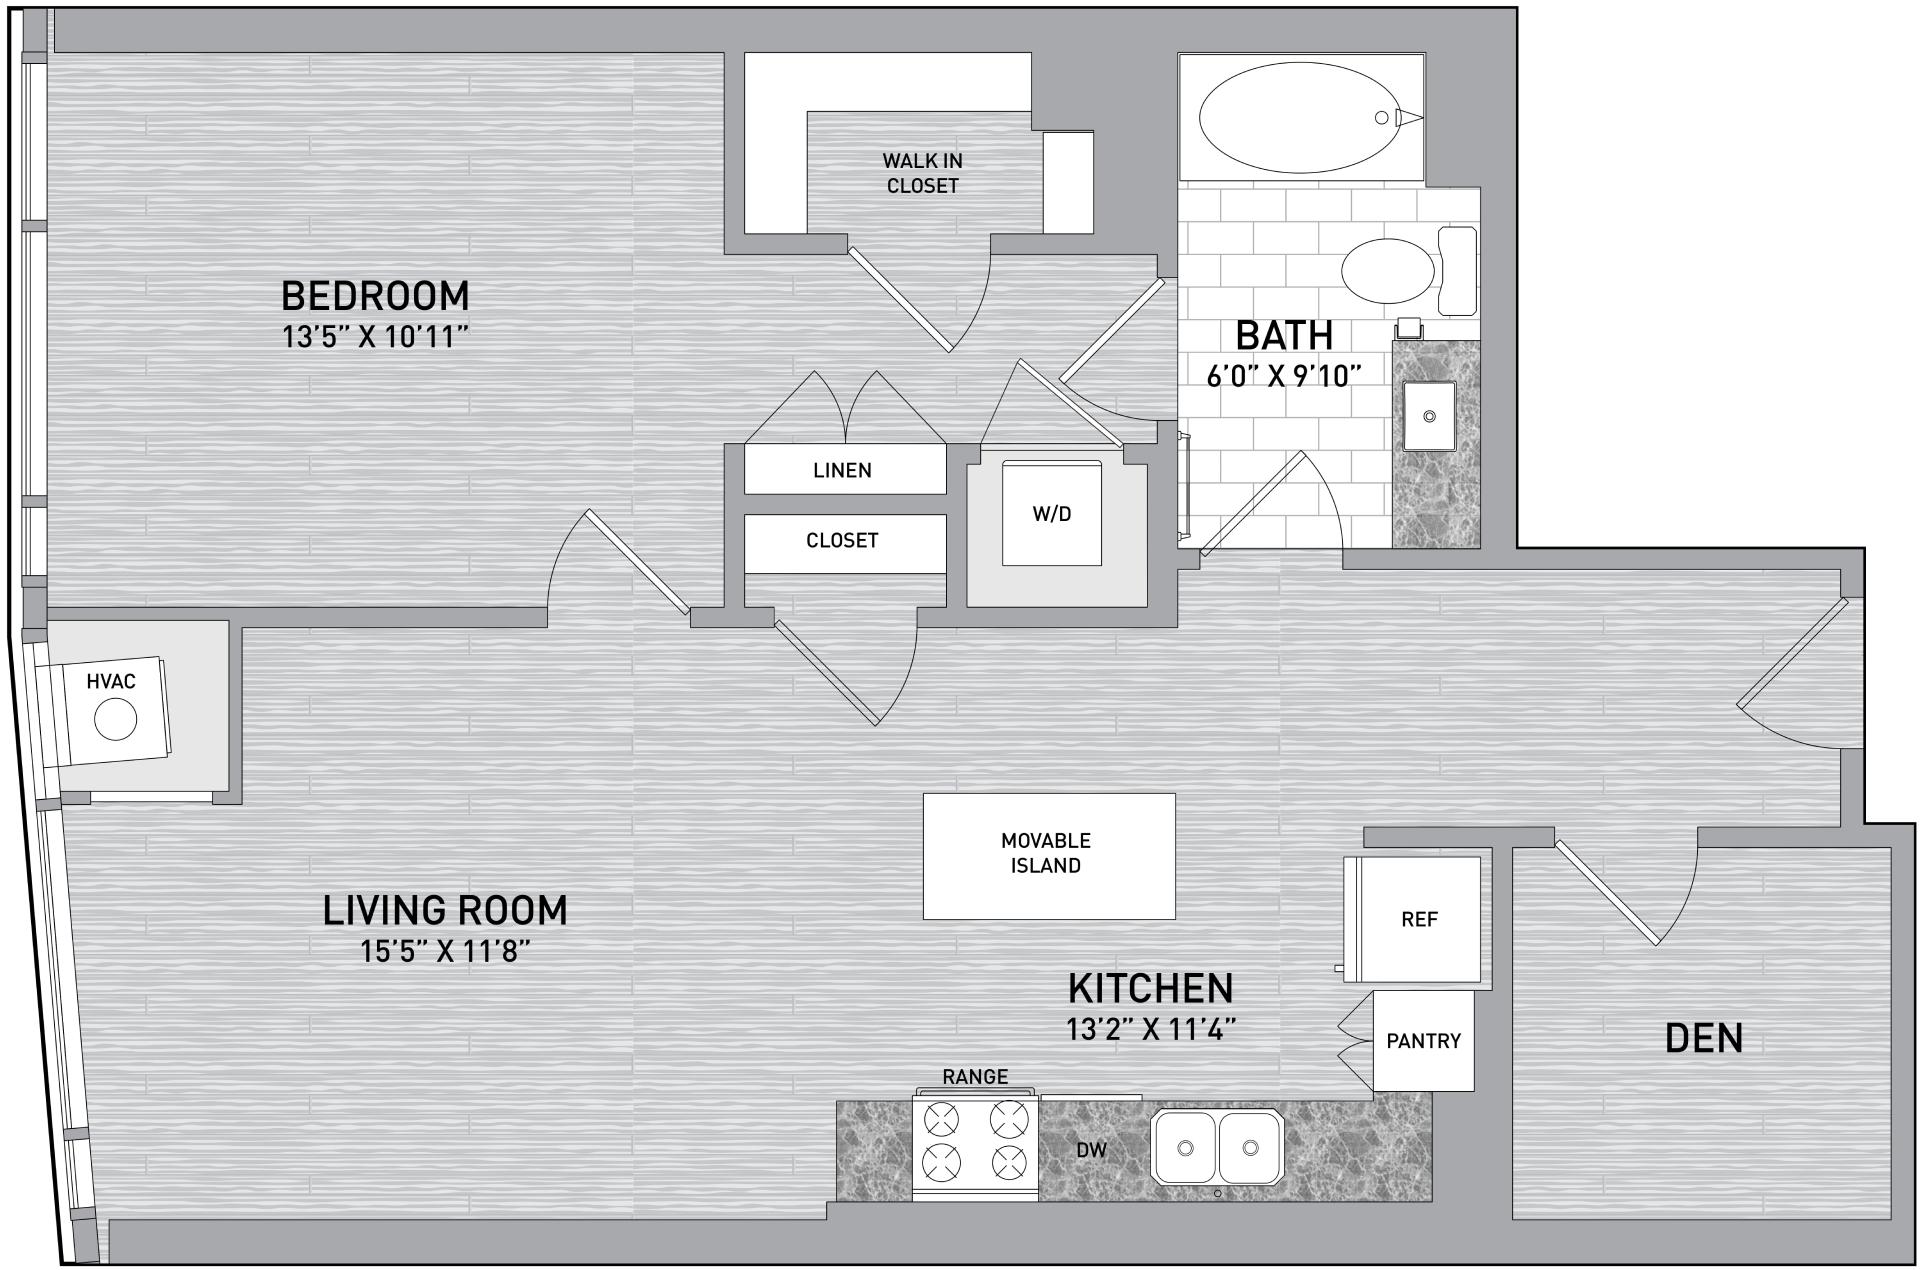 floorplan image of unit id 928